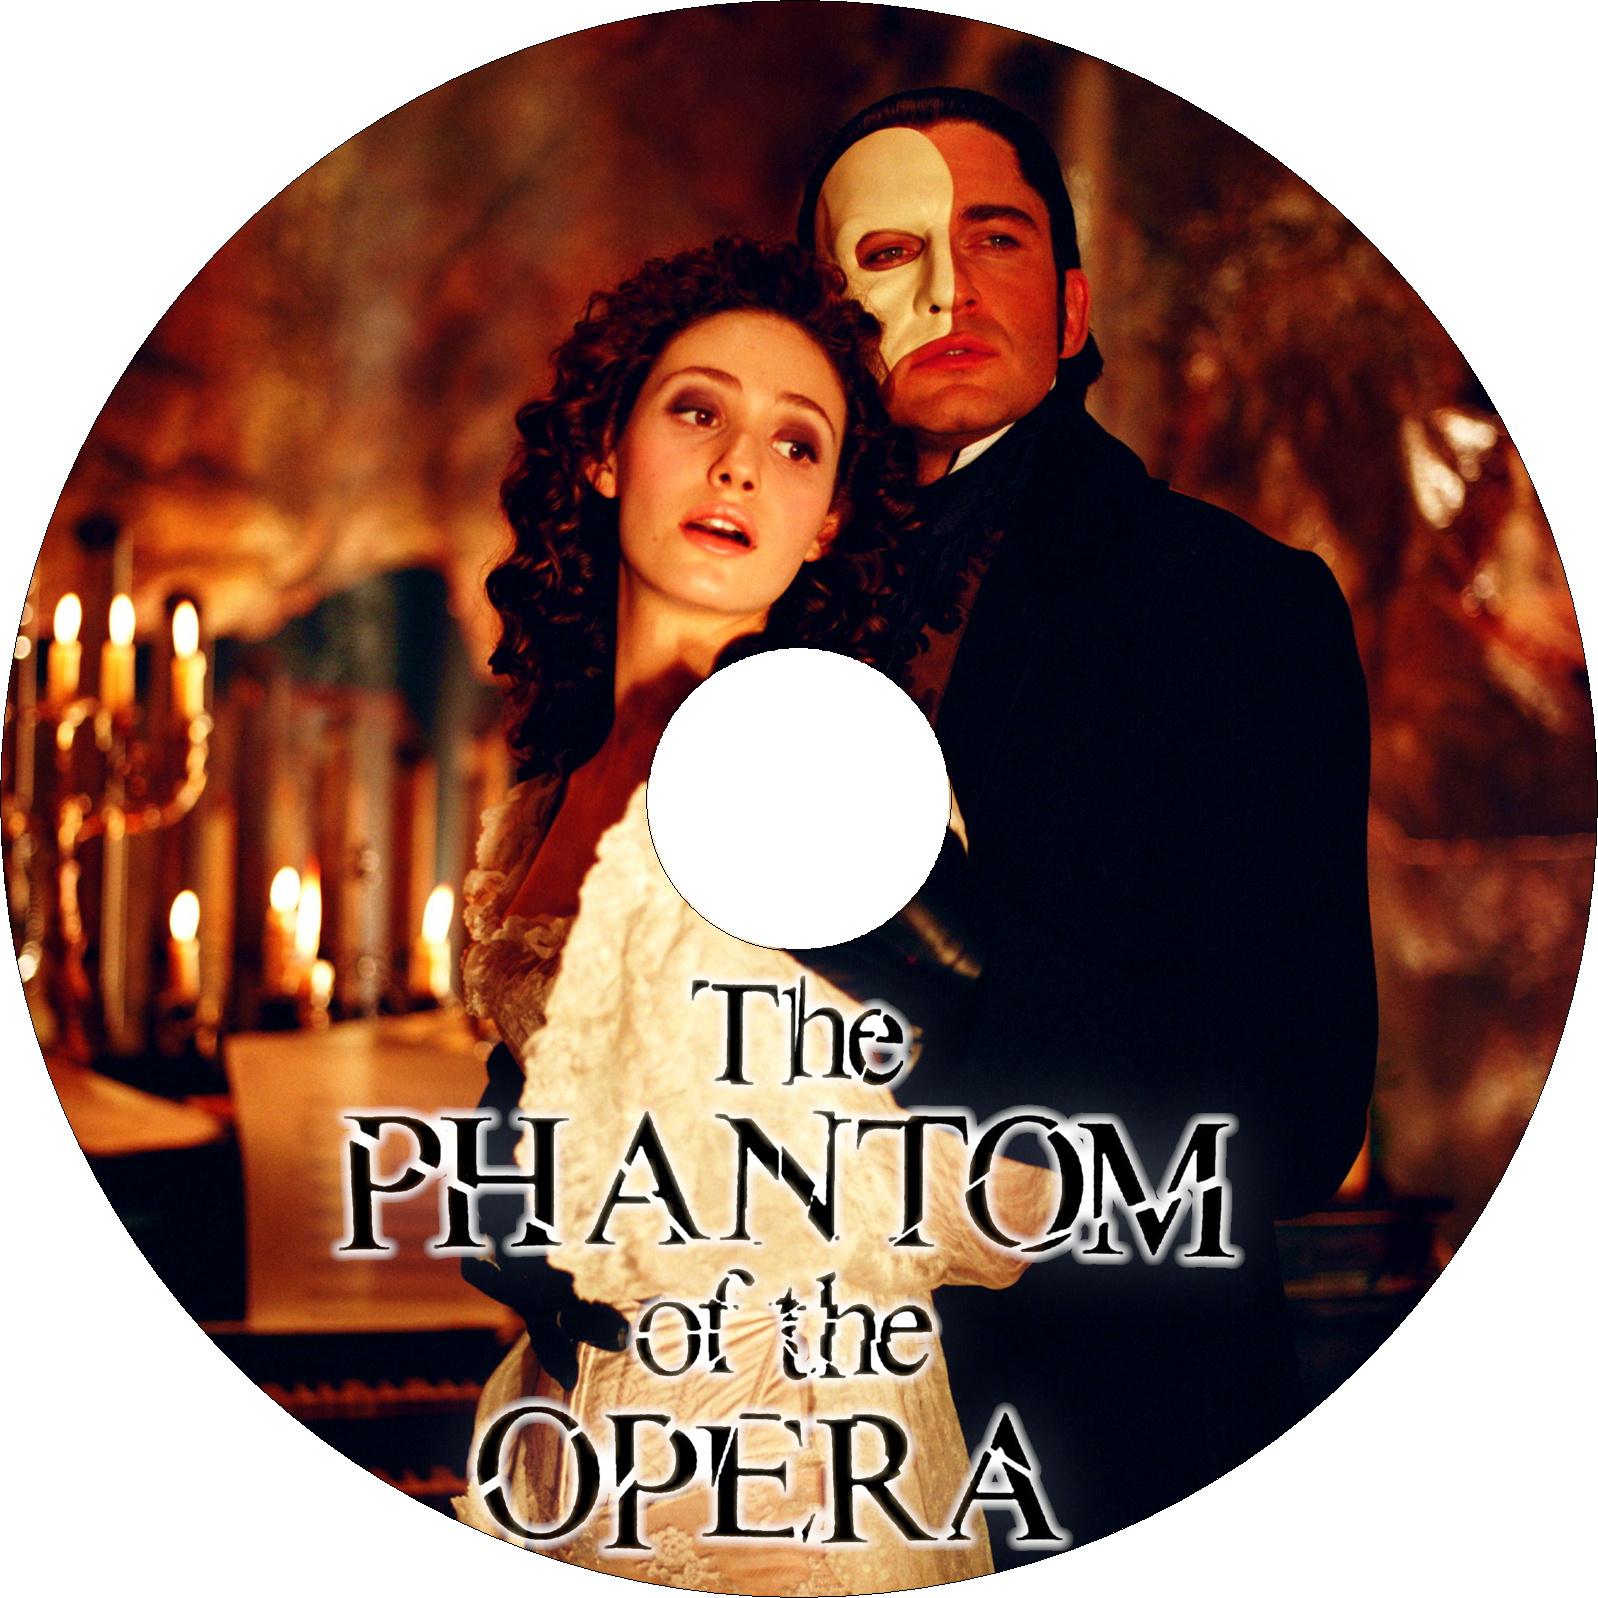 オペラ座の怪人 (2004) ラベル